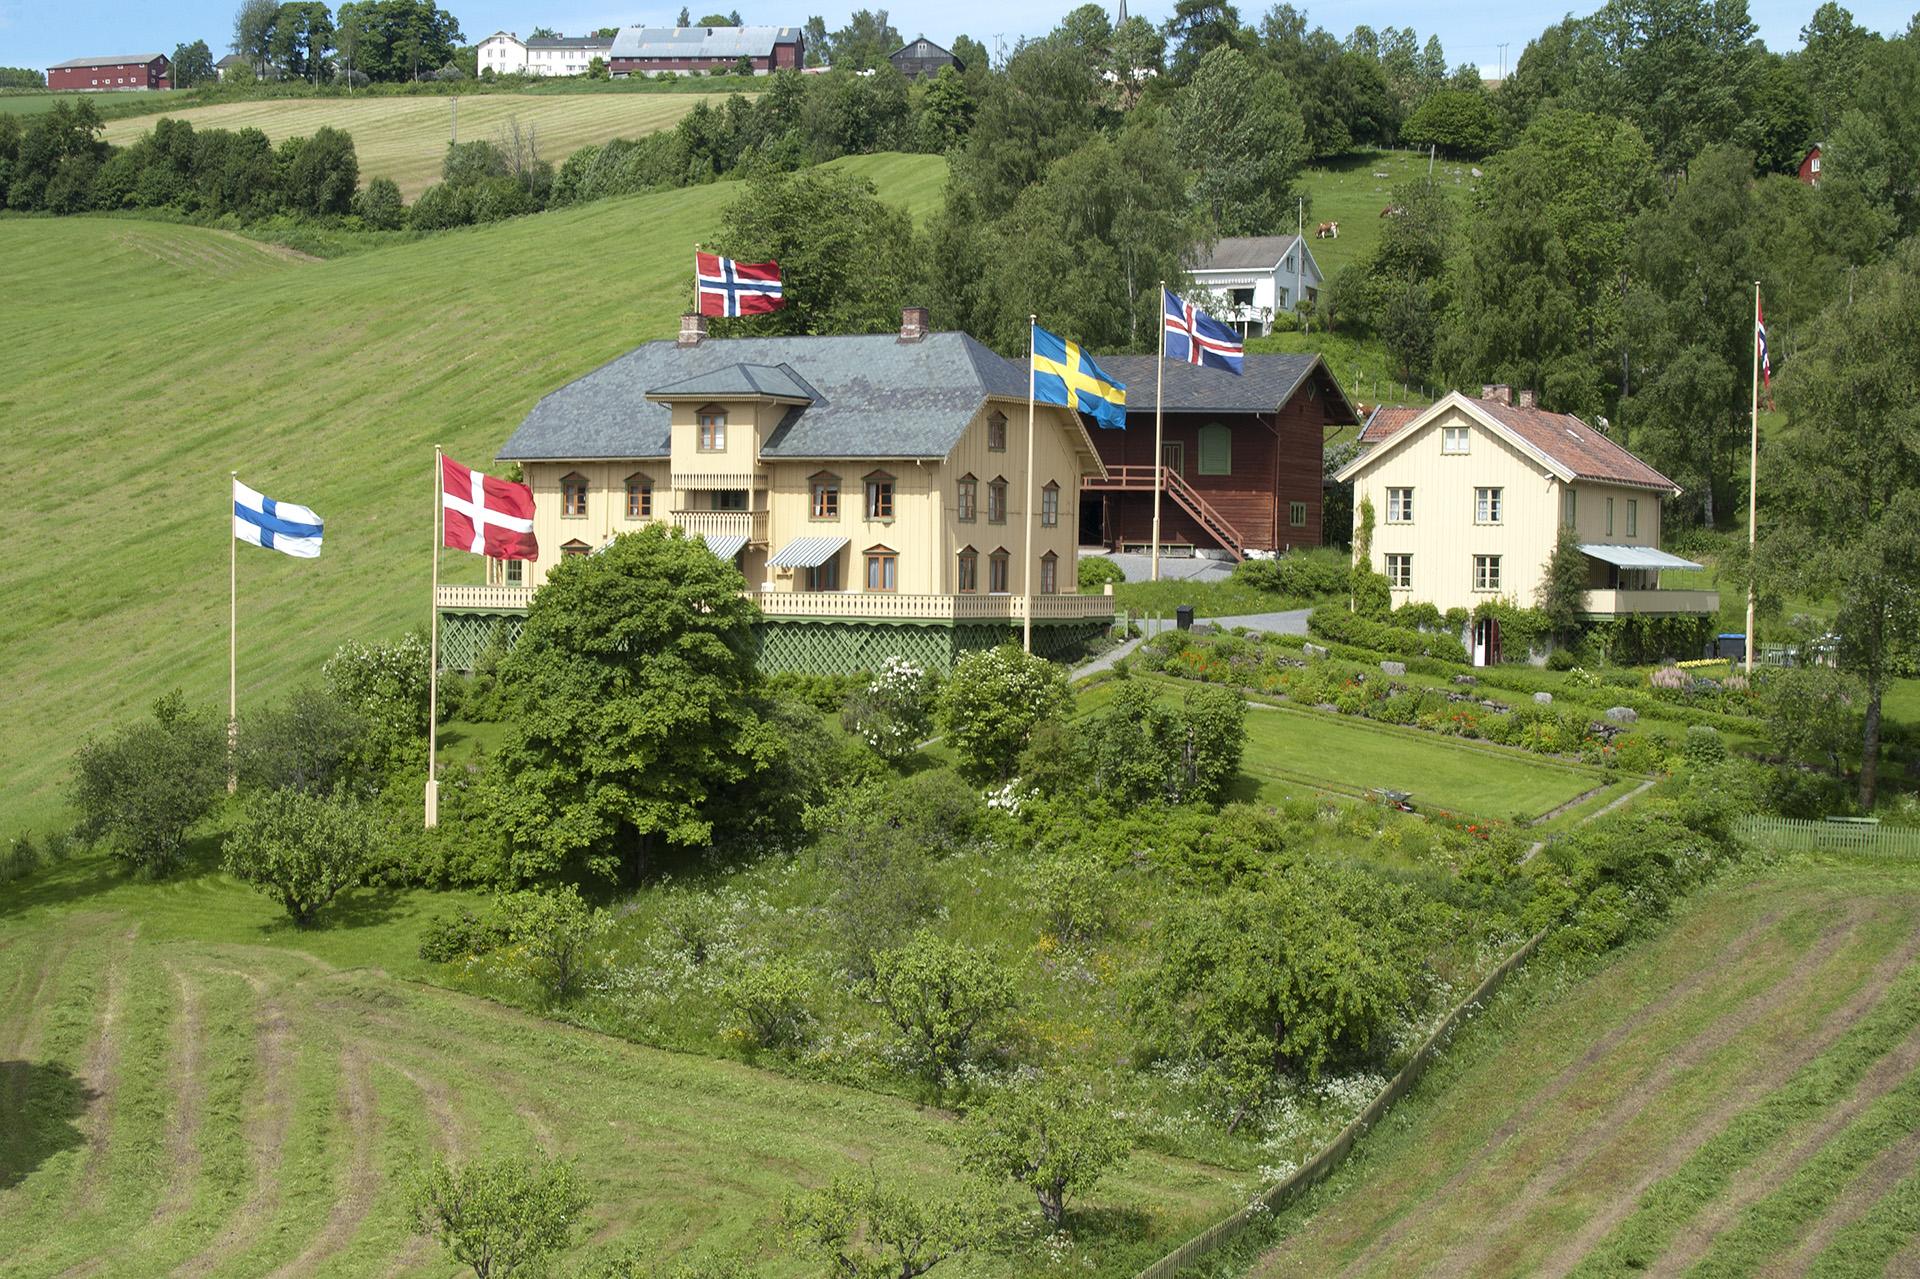 Bilde av Bjørnstjerne Bjørnsons hjem Aulestad. Foto: Camilla Damgård